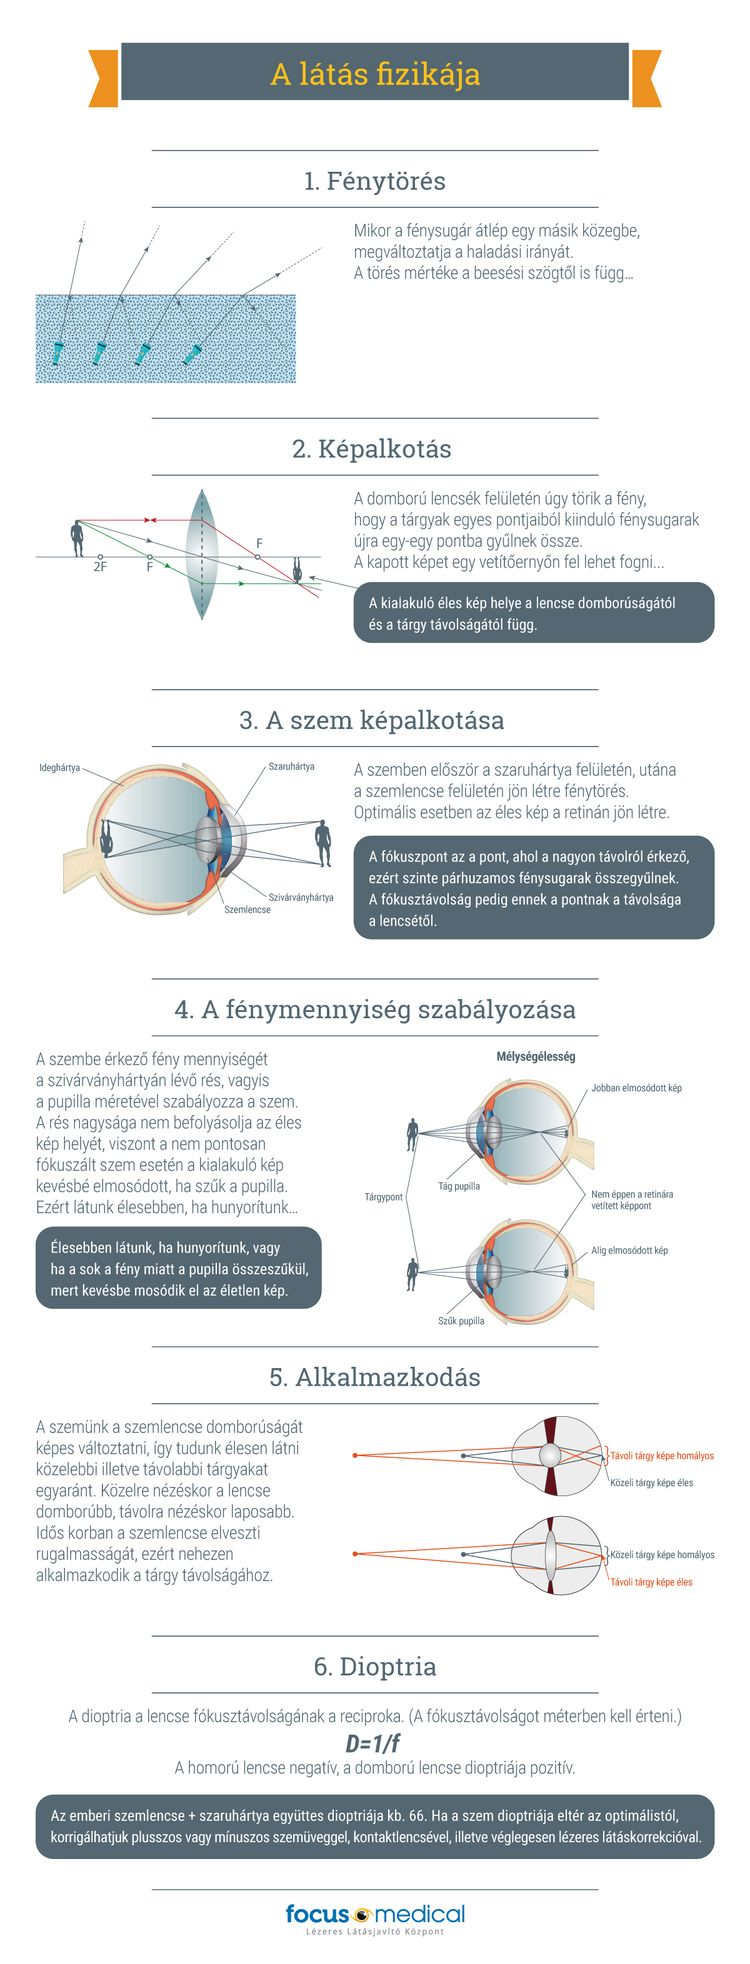 kaszkádos látáskezelés)